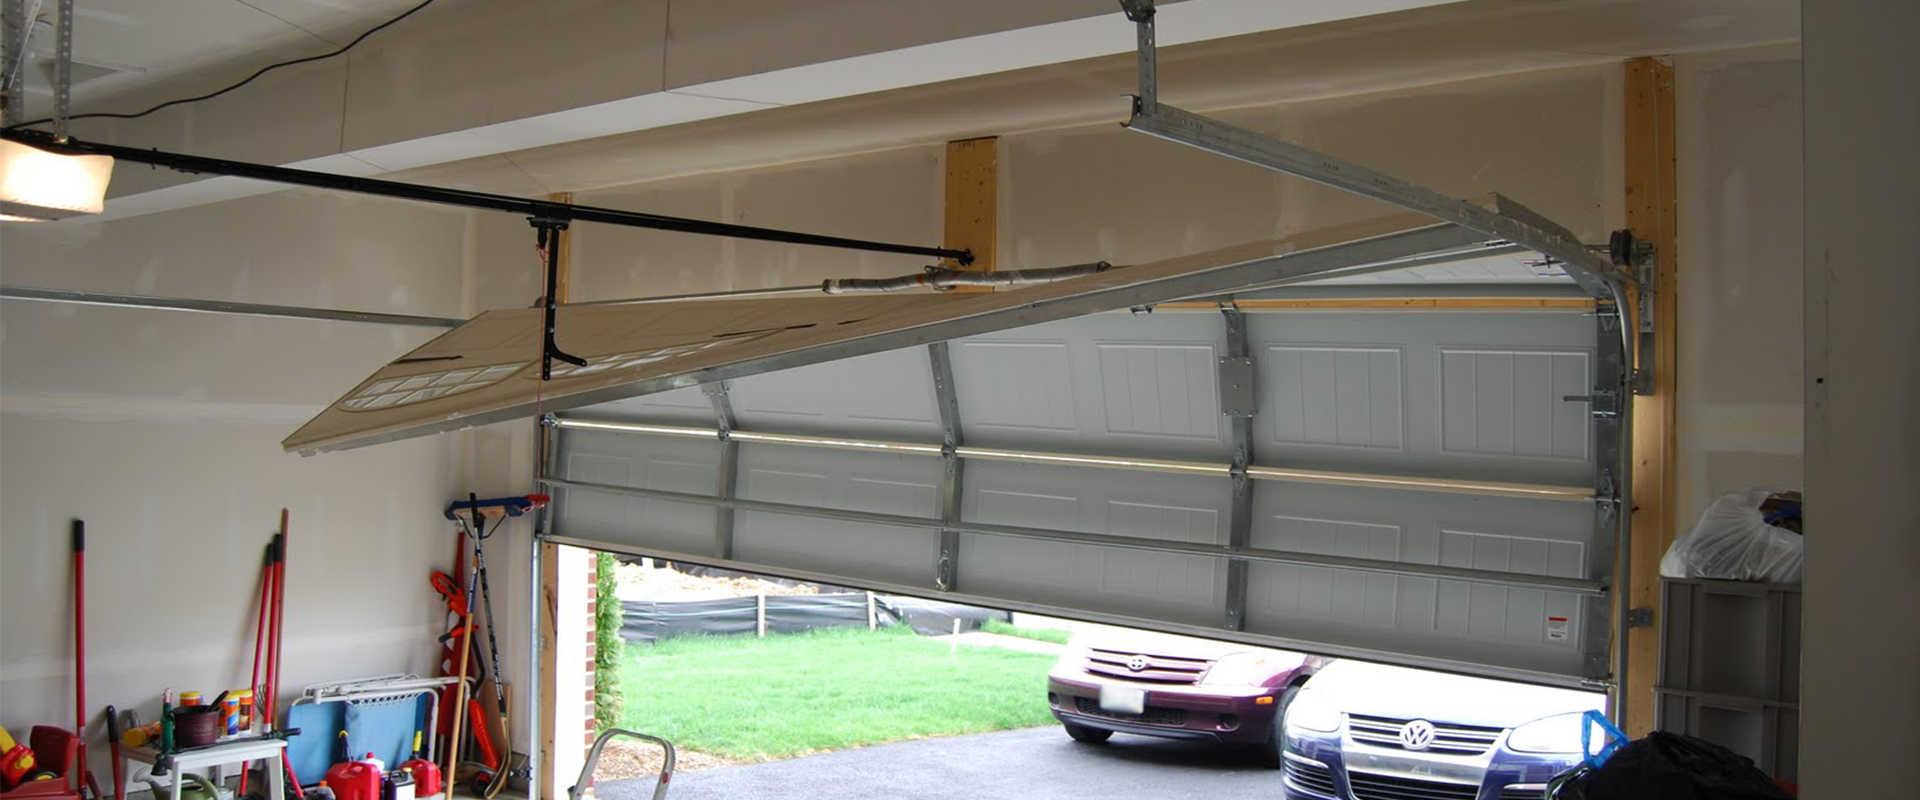 overhead san repair garage diego ca doors lockout in residential door